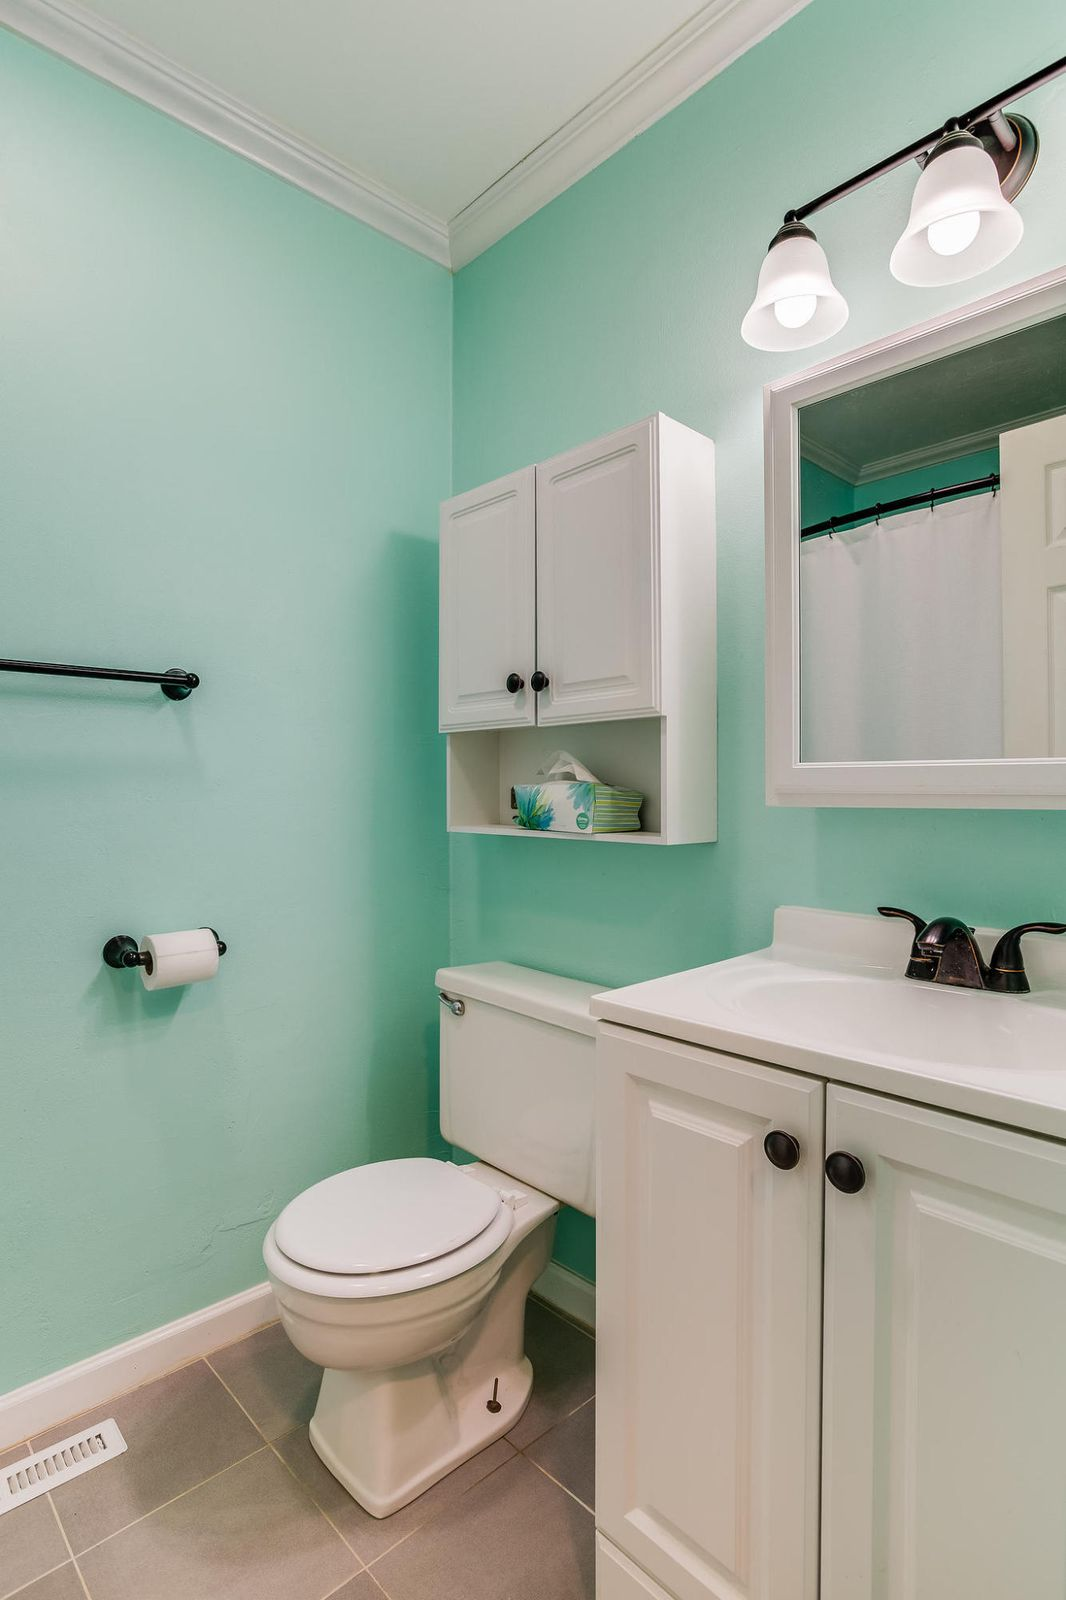 504 Bobolink Rd guest bath